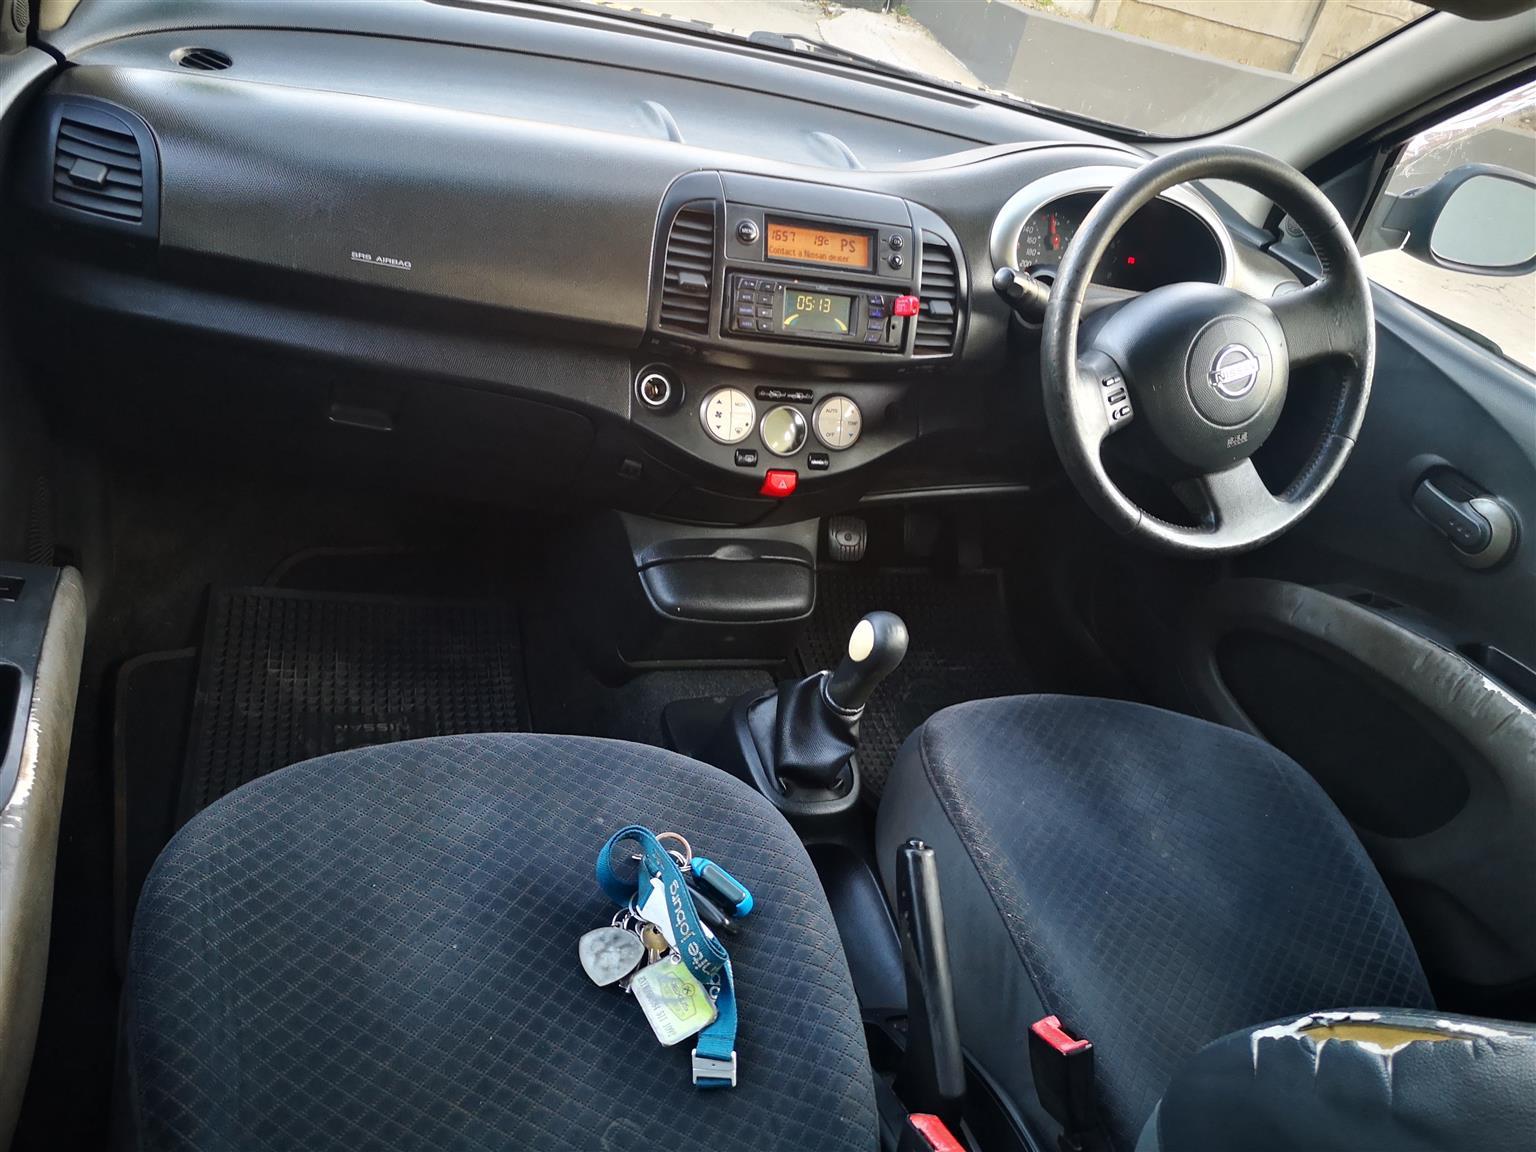 2004 Nissan Micra 1.4 5 door Visia